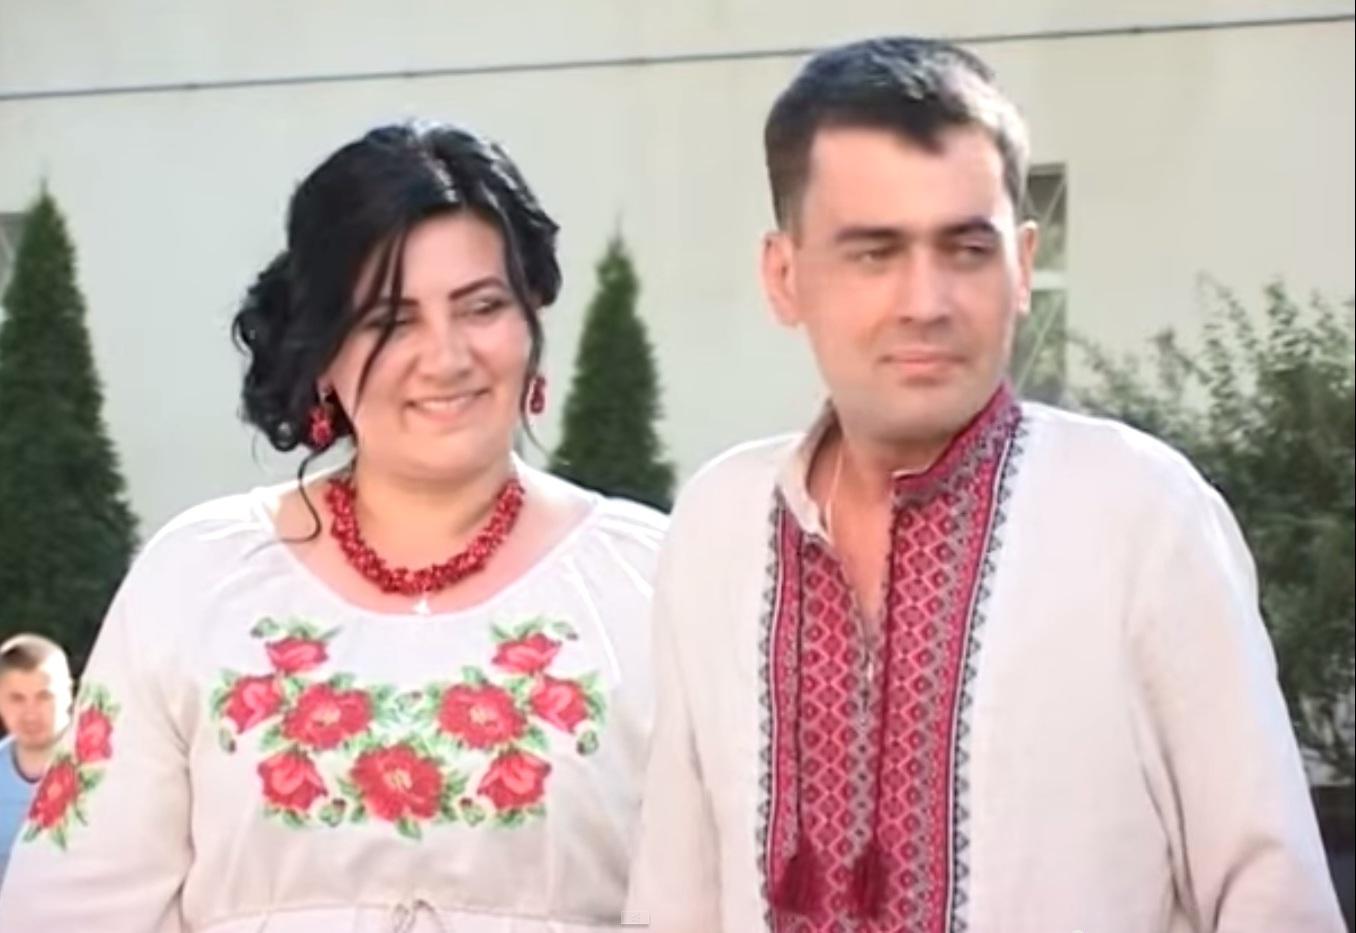 свадьба после года знакомства